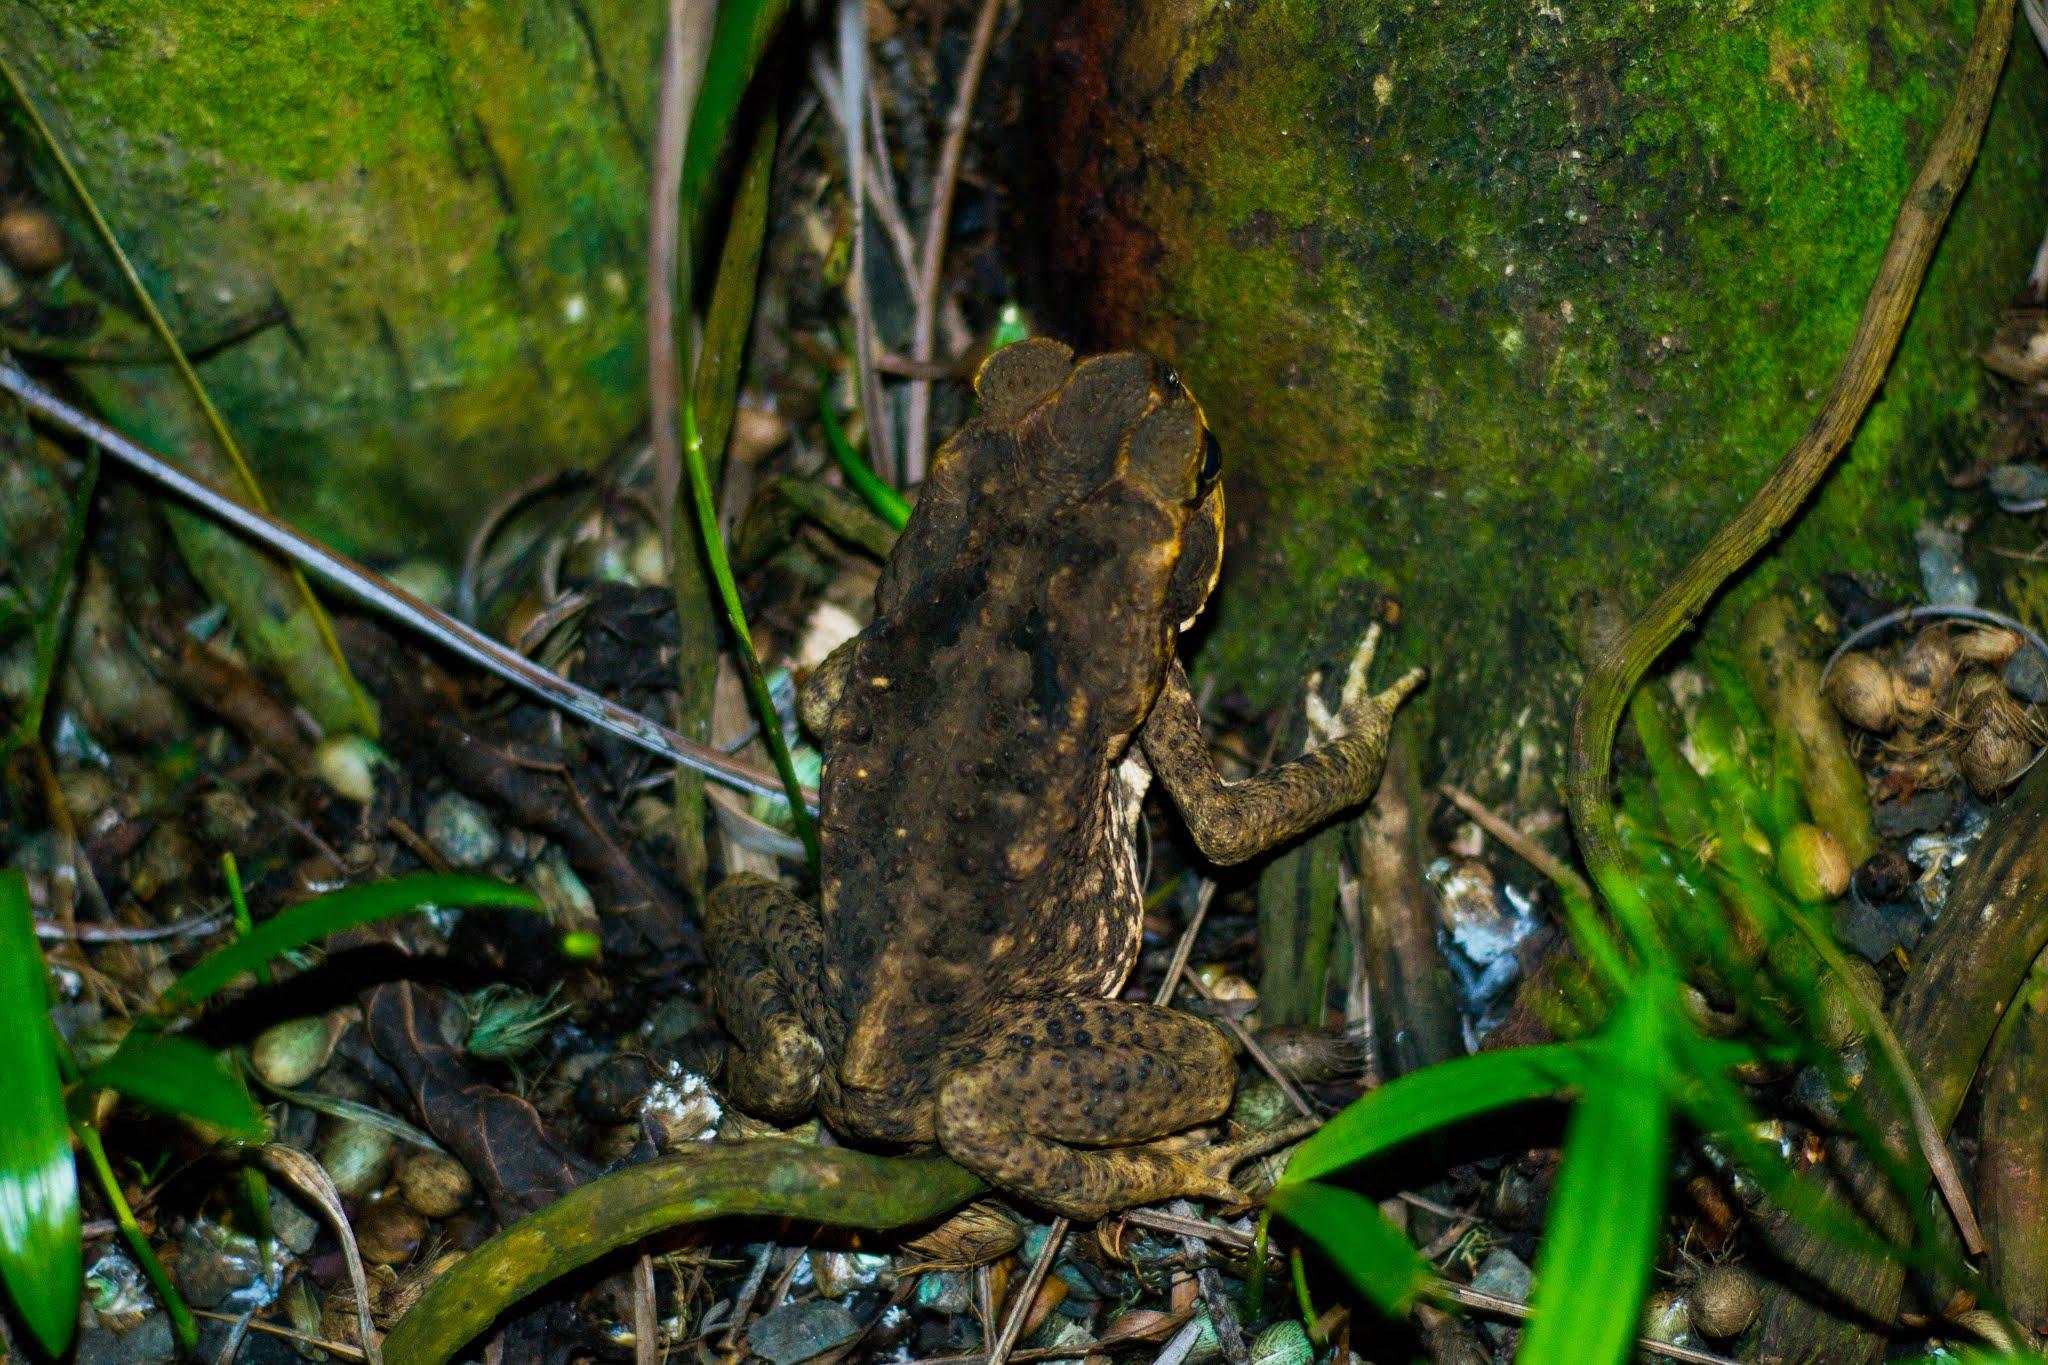 Frog Kauai Hawaii